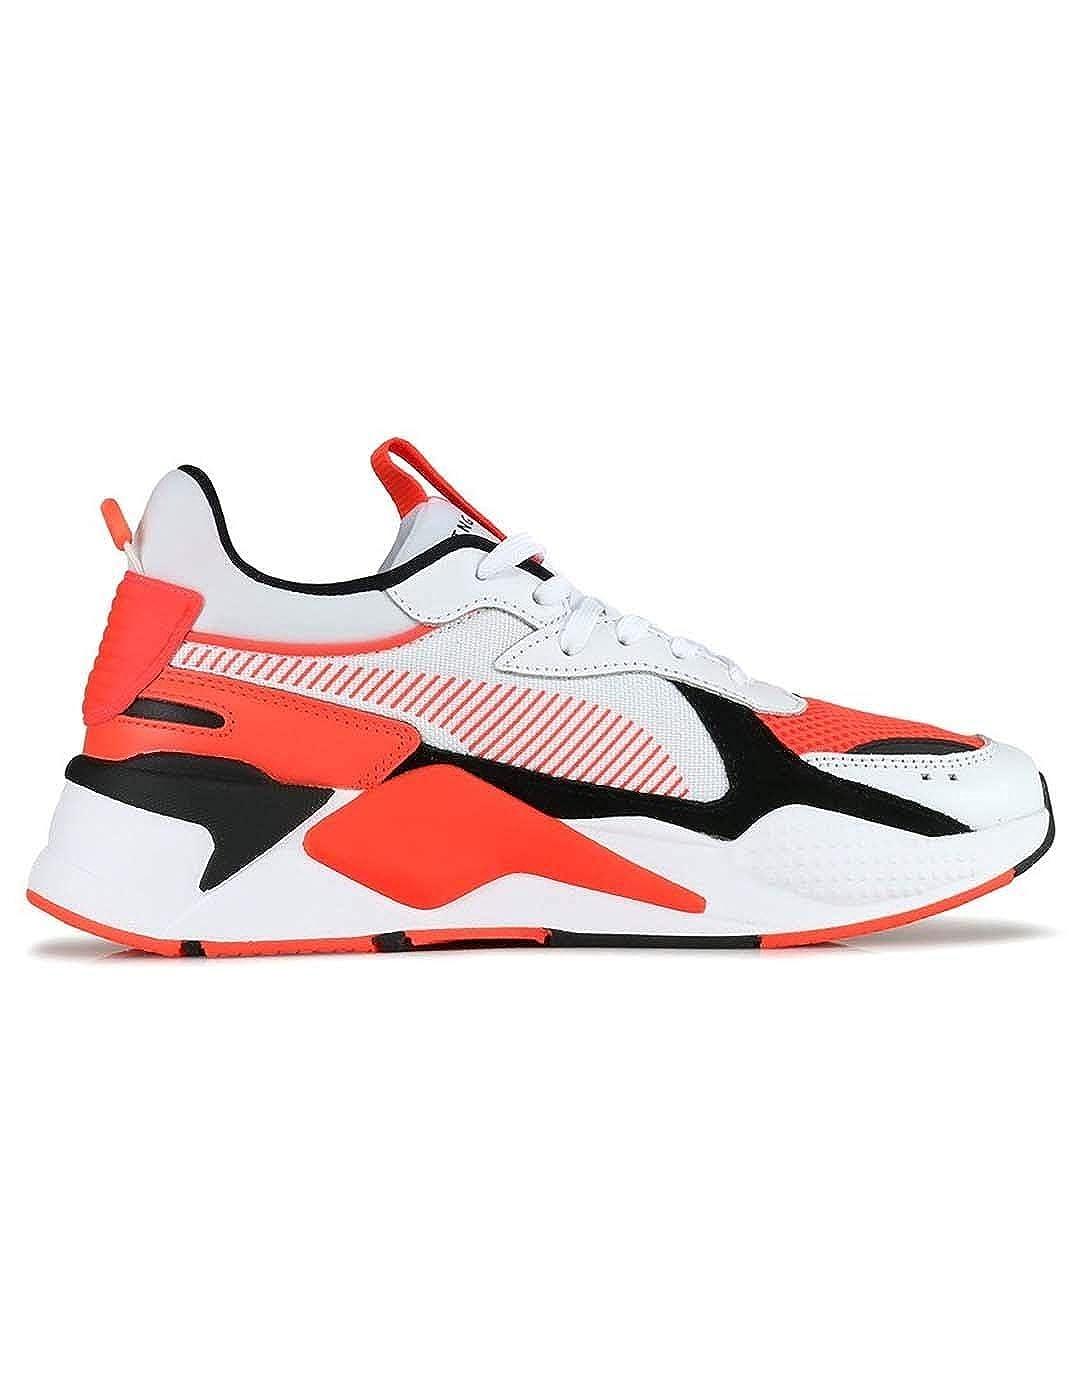 Puma Herren Schuhe Rs-X Reinvention 36957902 Weiss Orange Turnschuhe SS 2019